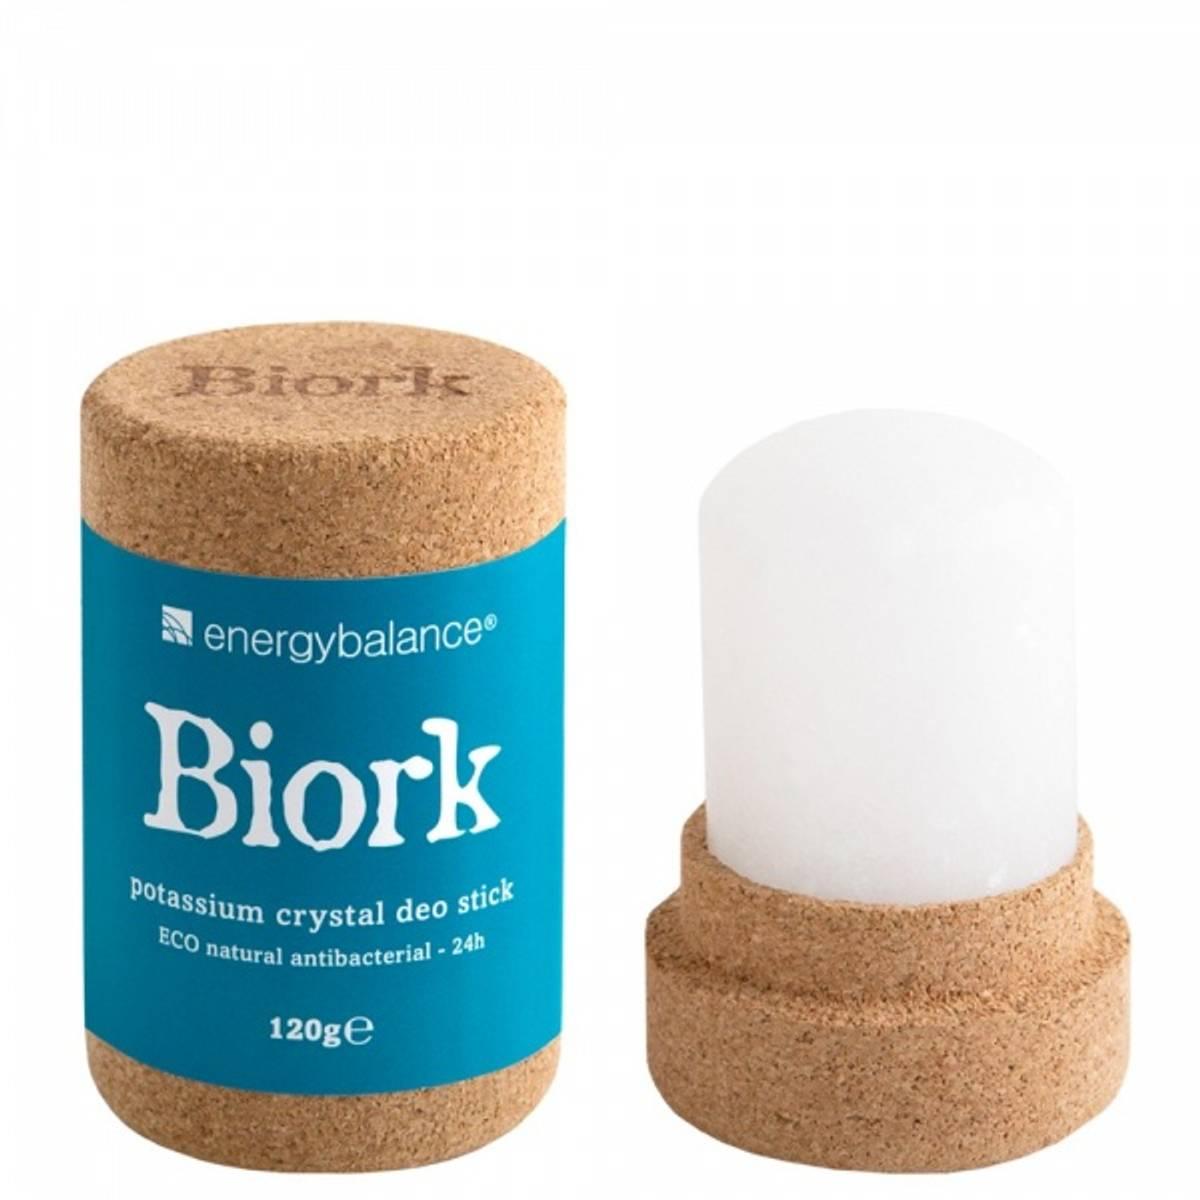 Biork™ krystalldeodorant, plastfri og økologisk